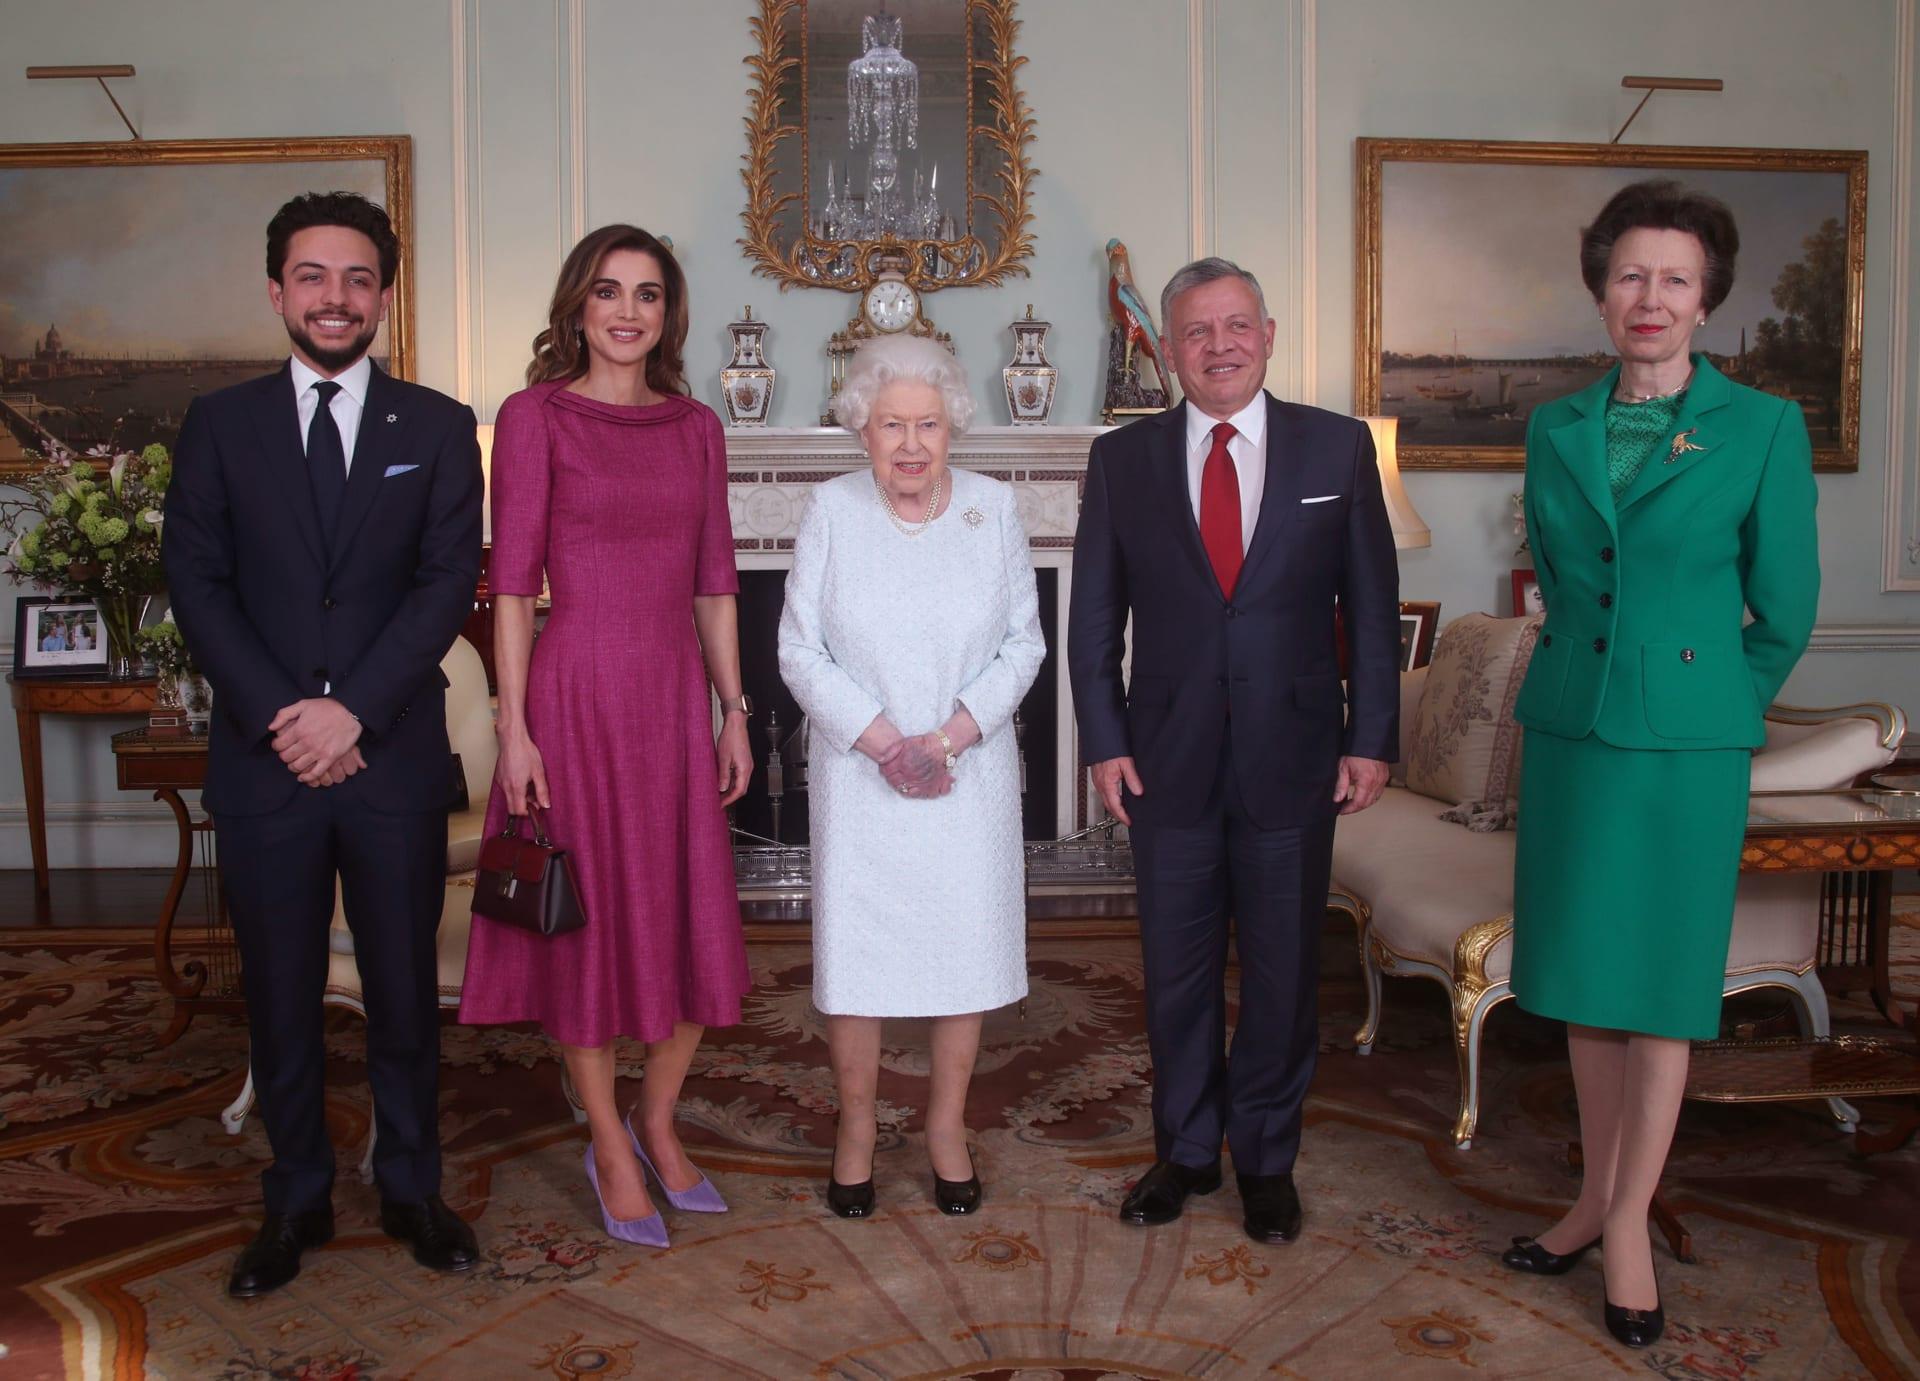 الملكة رانيا تتزين بلمسة عربية خلال زيارتها للملكة إليزابيث.. ما هي؟